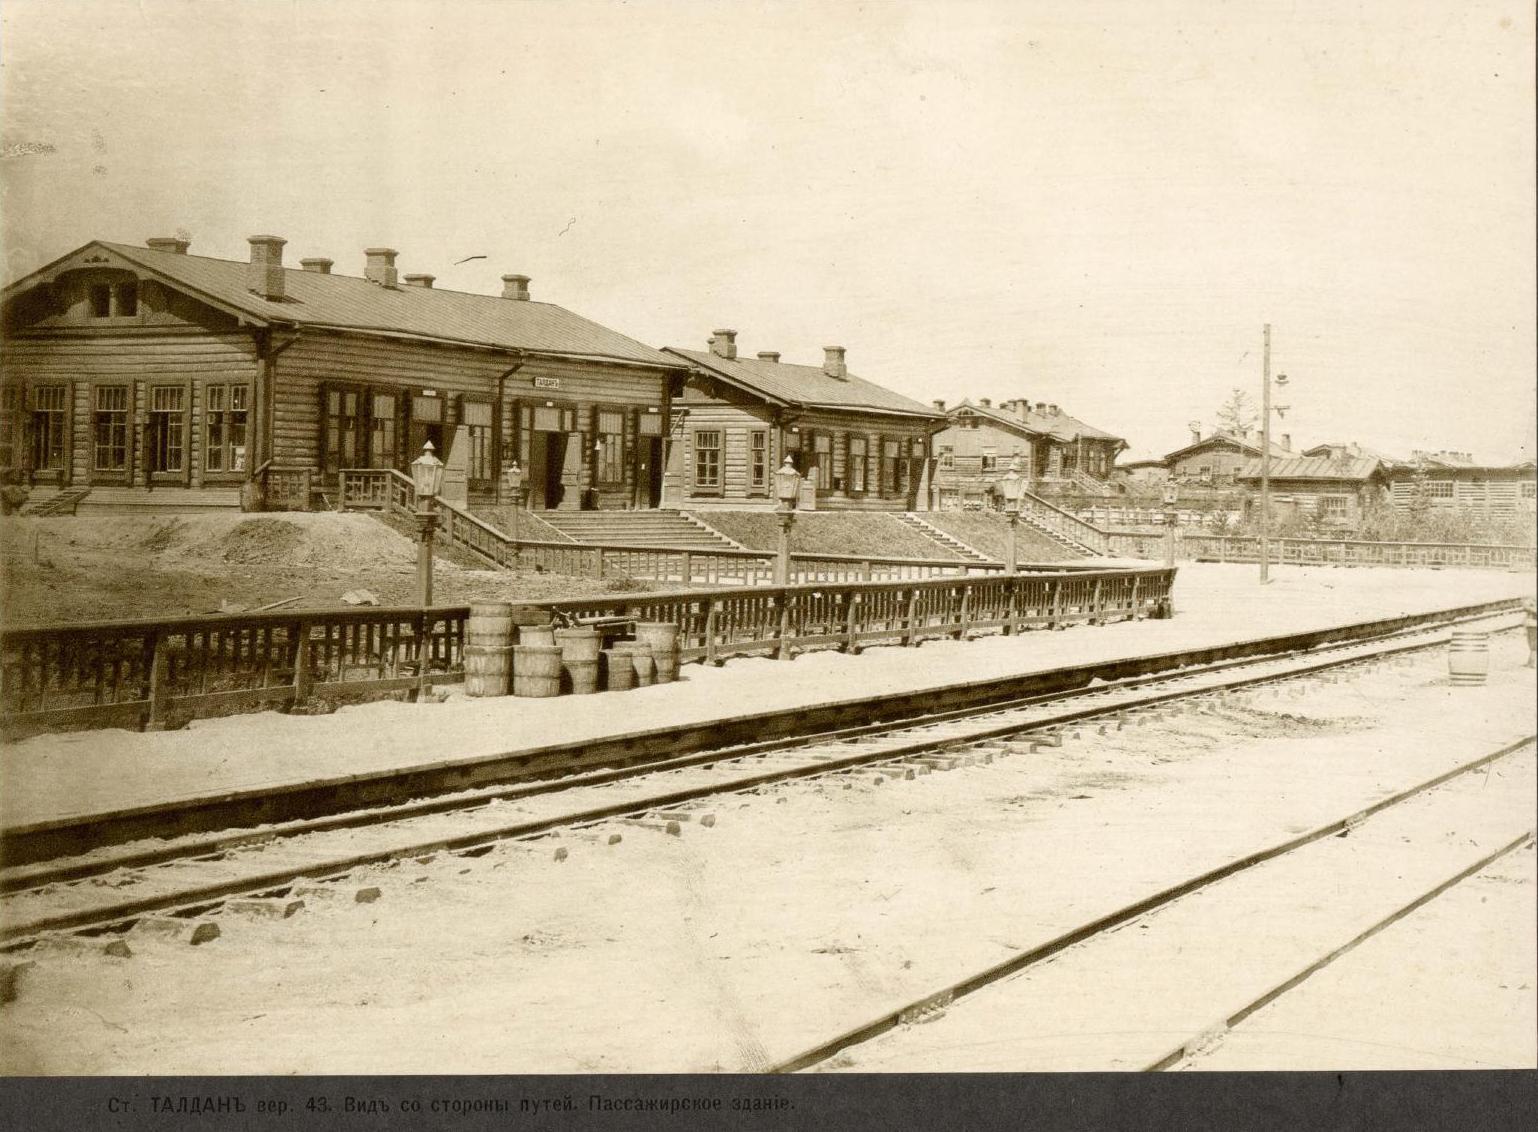 43 верста. Станция Талдан. Вид со стороны путей. Пассажирское здание